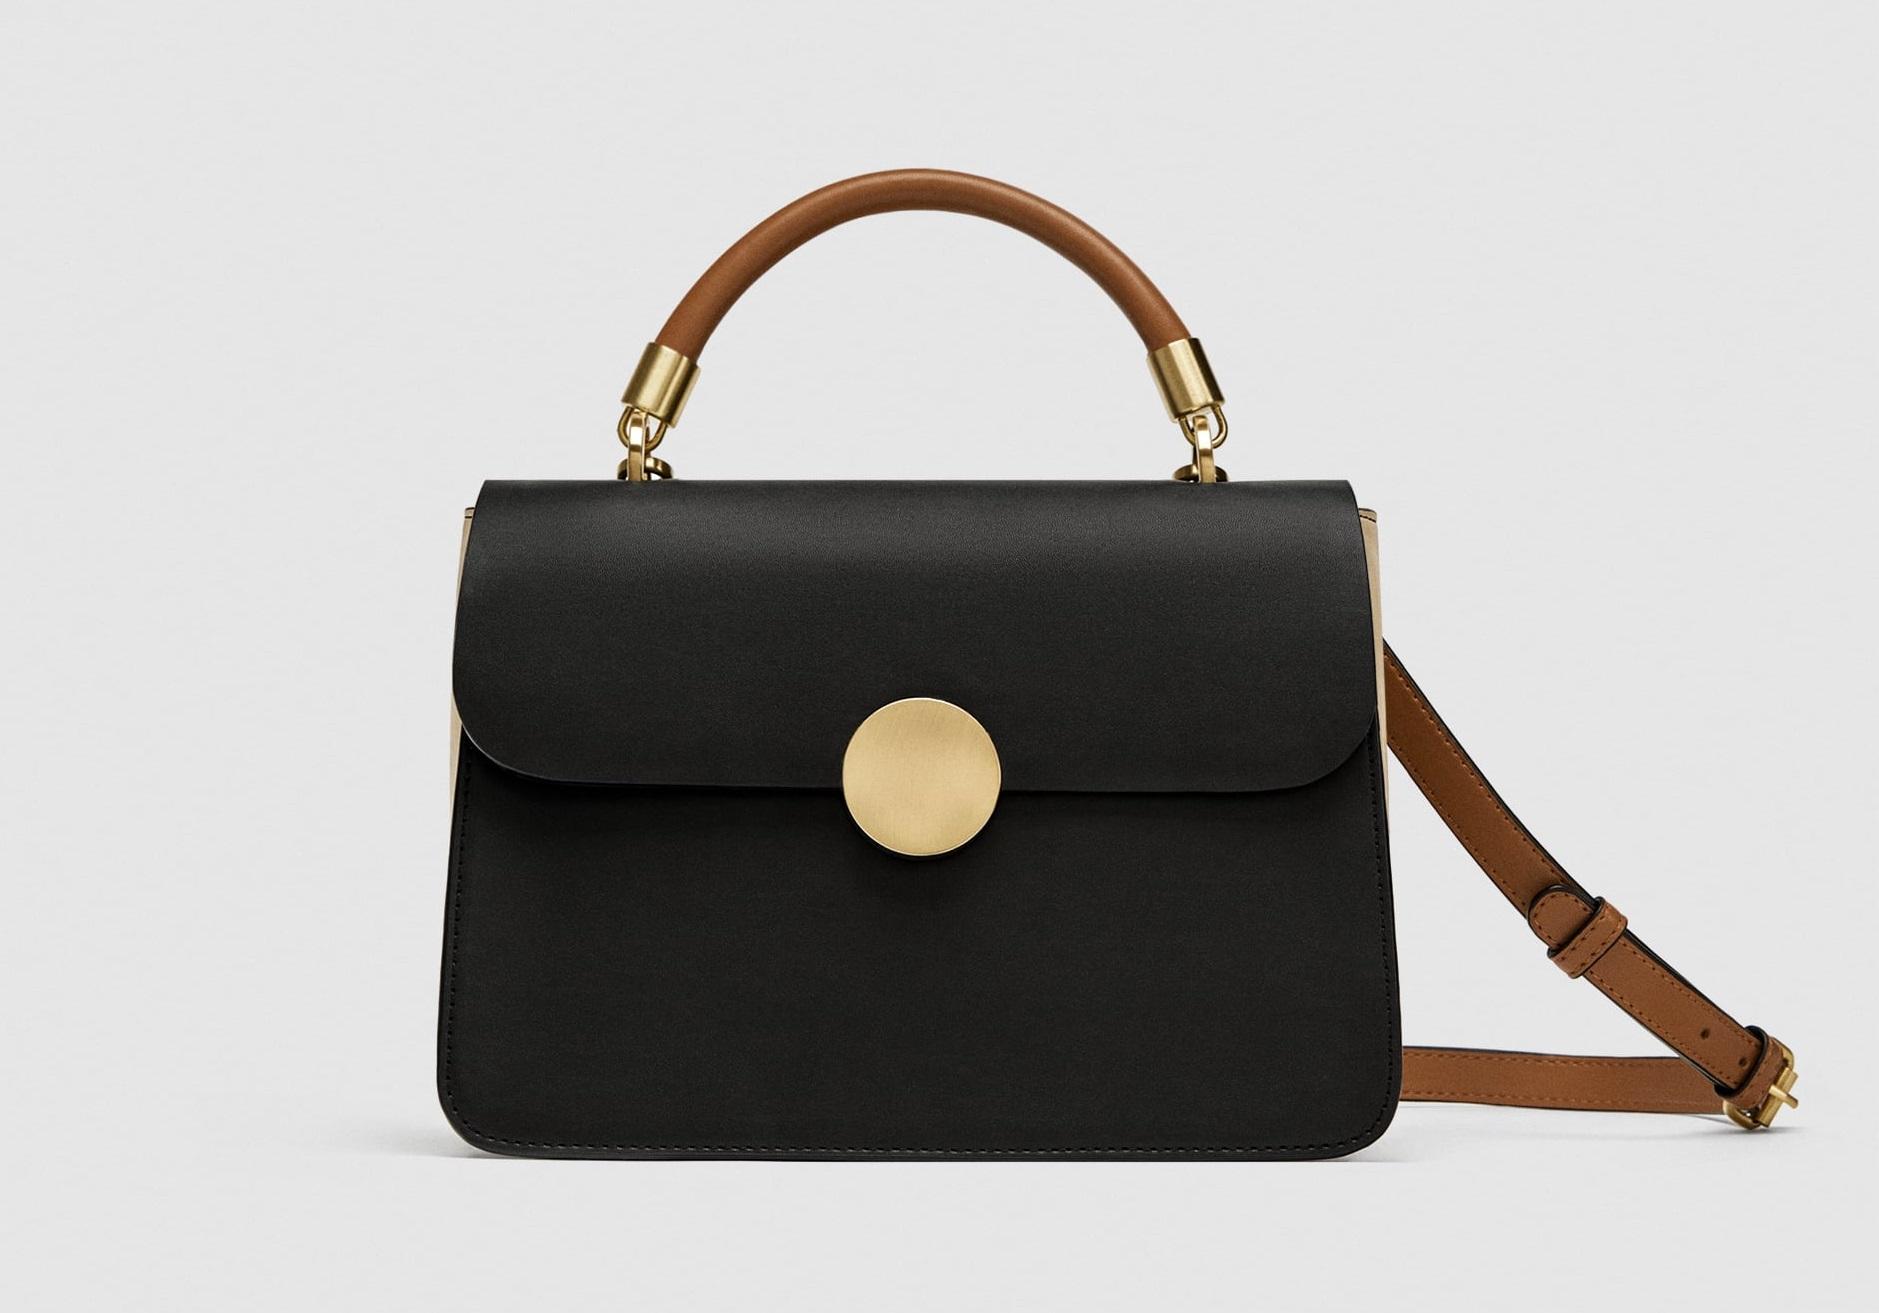 Borsa a mano piccola Zara collezione primavera estate 2018